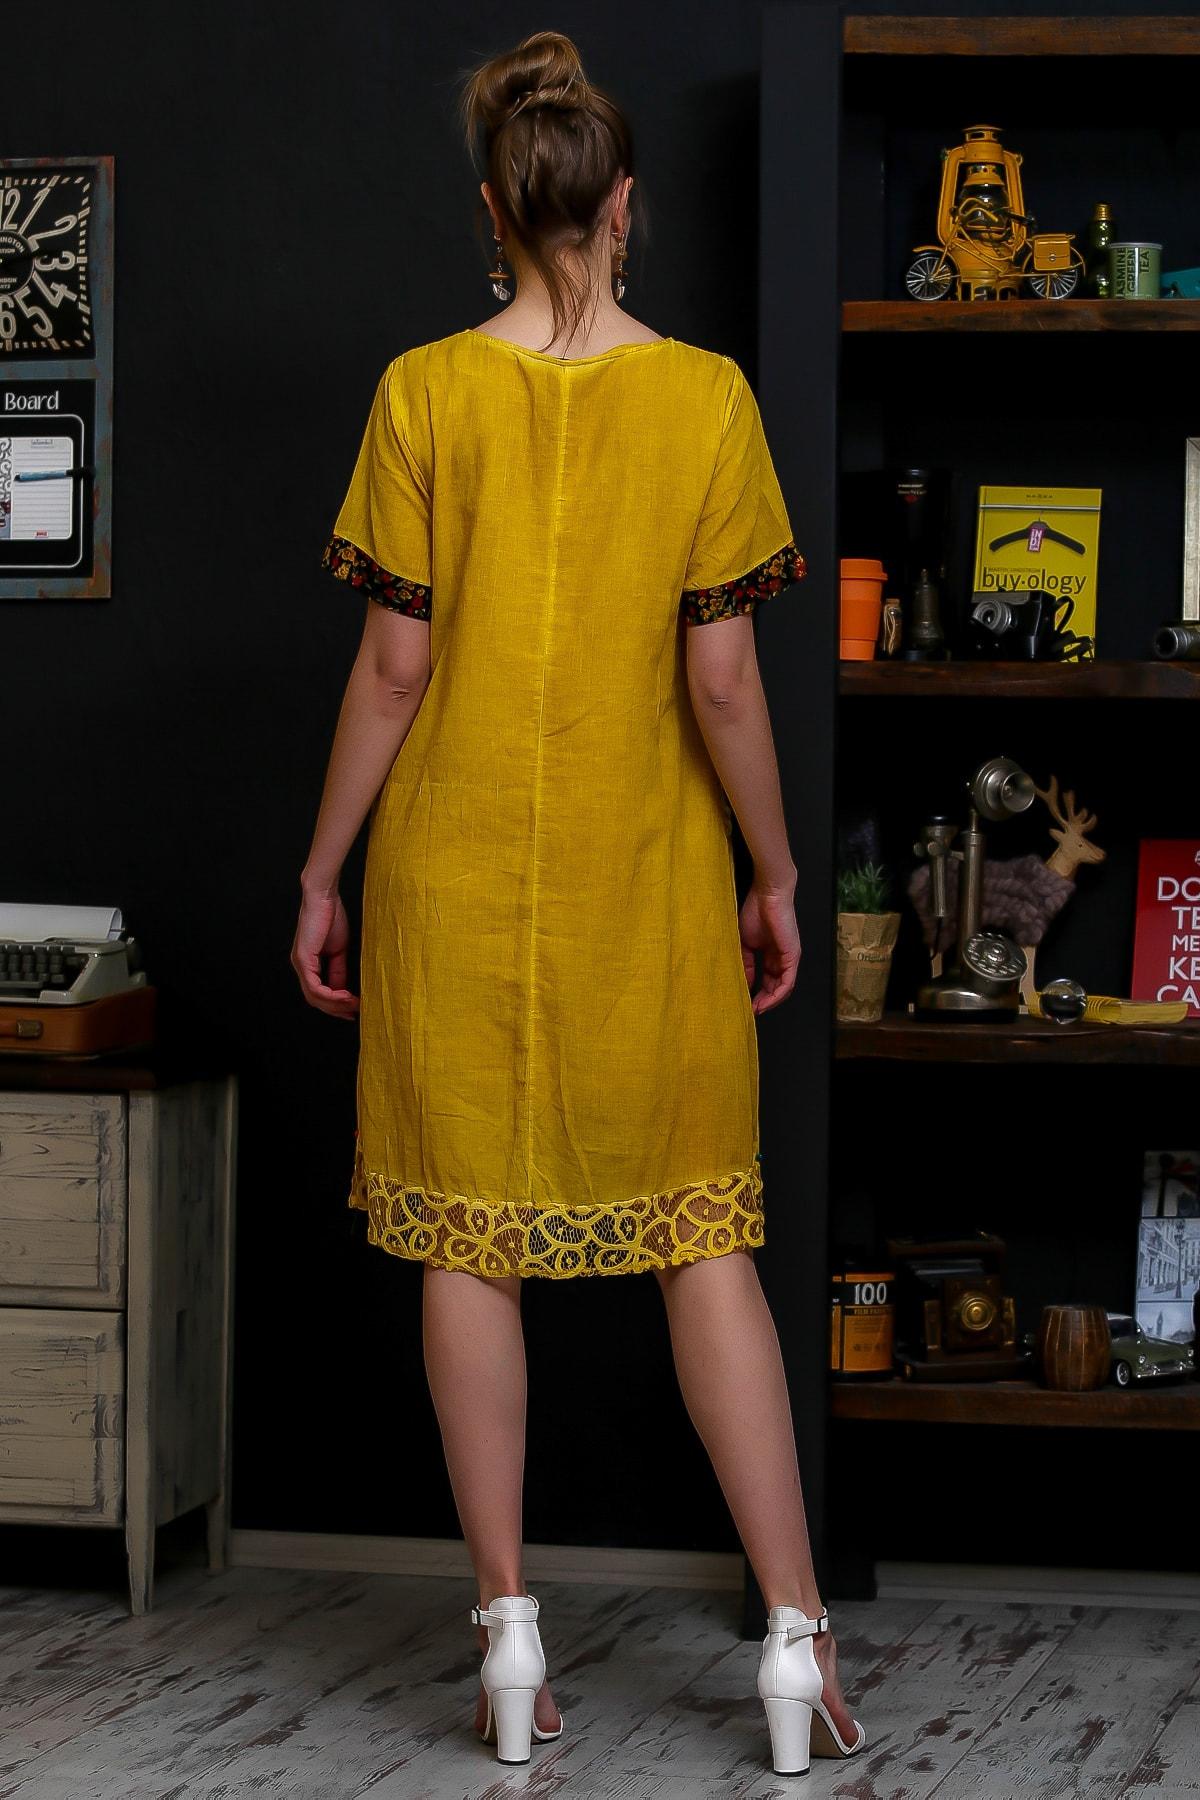 Chiccy Kadın Hardal Robası Dantel El İşi Çiçek Detay Cepli Astarlı Yıkamalı Dokuma Elbise M10160000EL95870 4